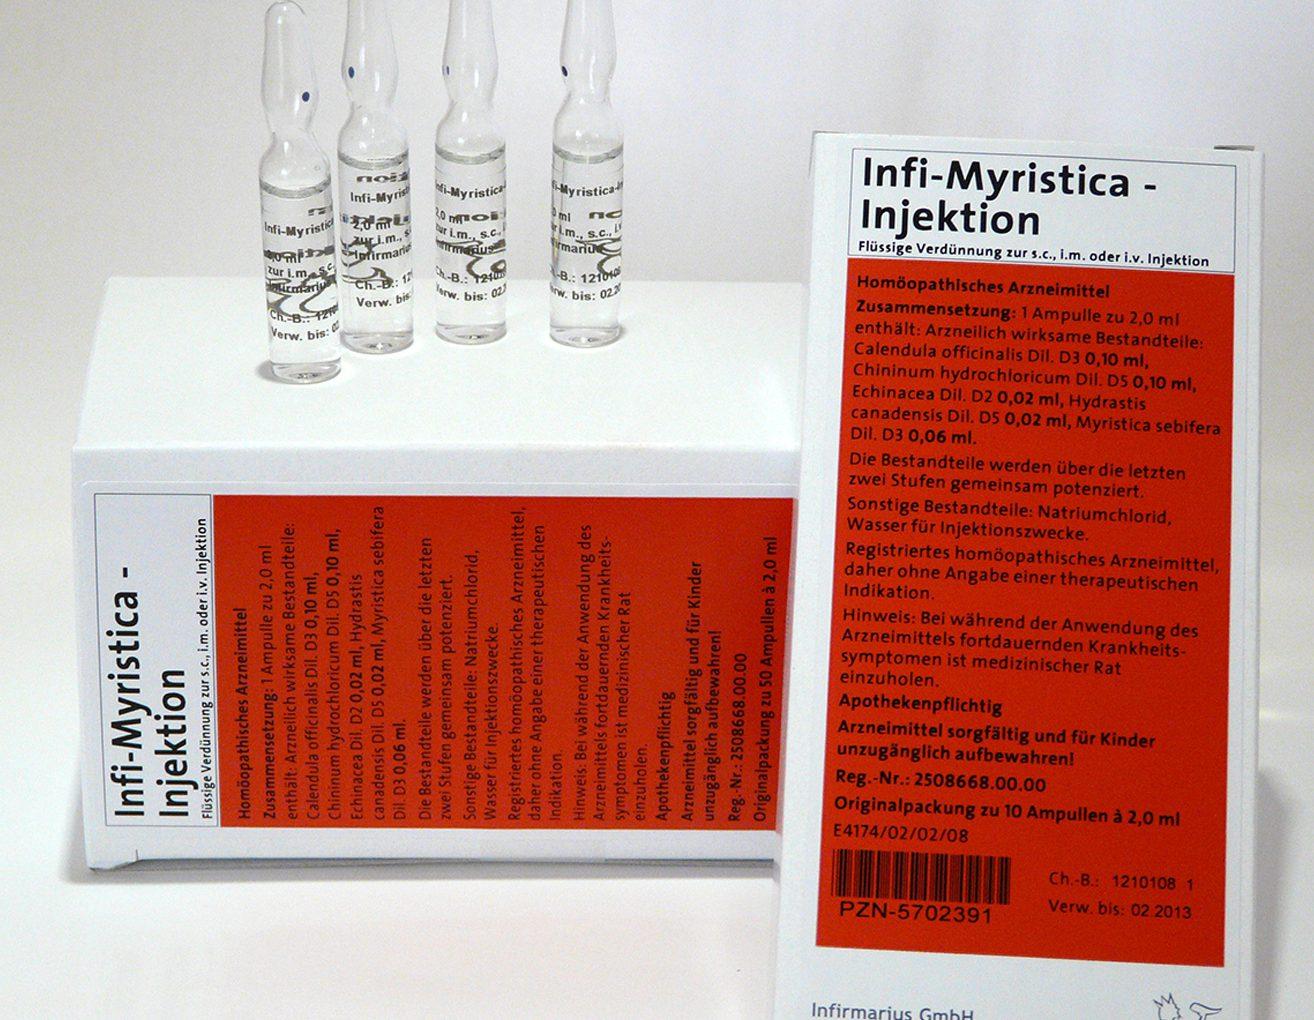 Infi-Myristica-Injektion